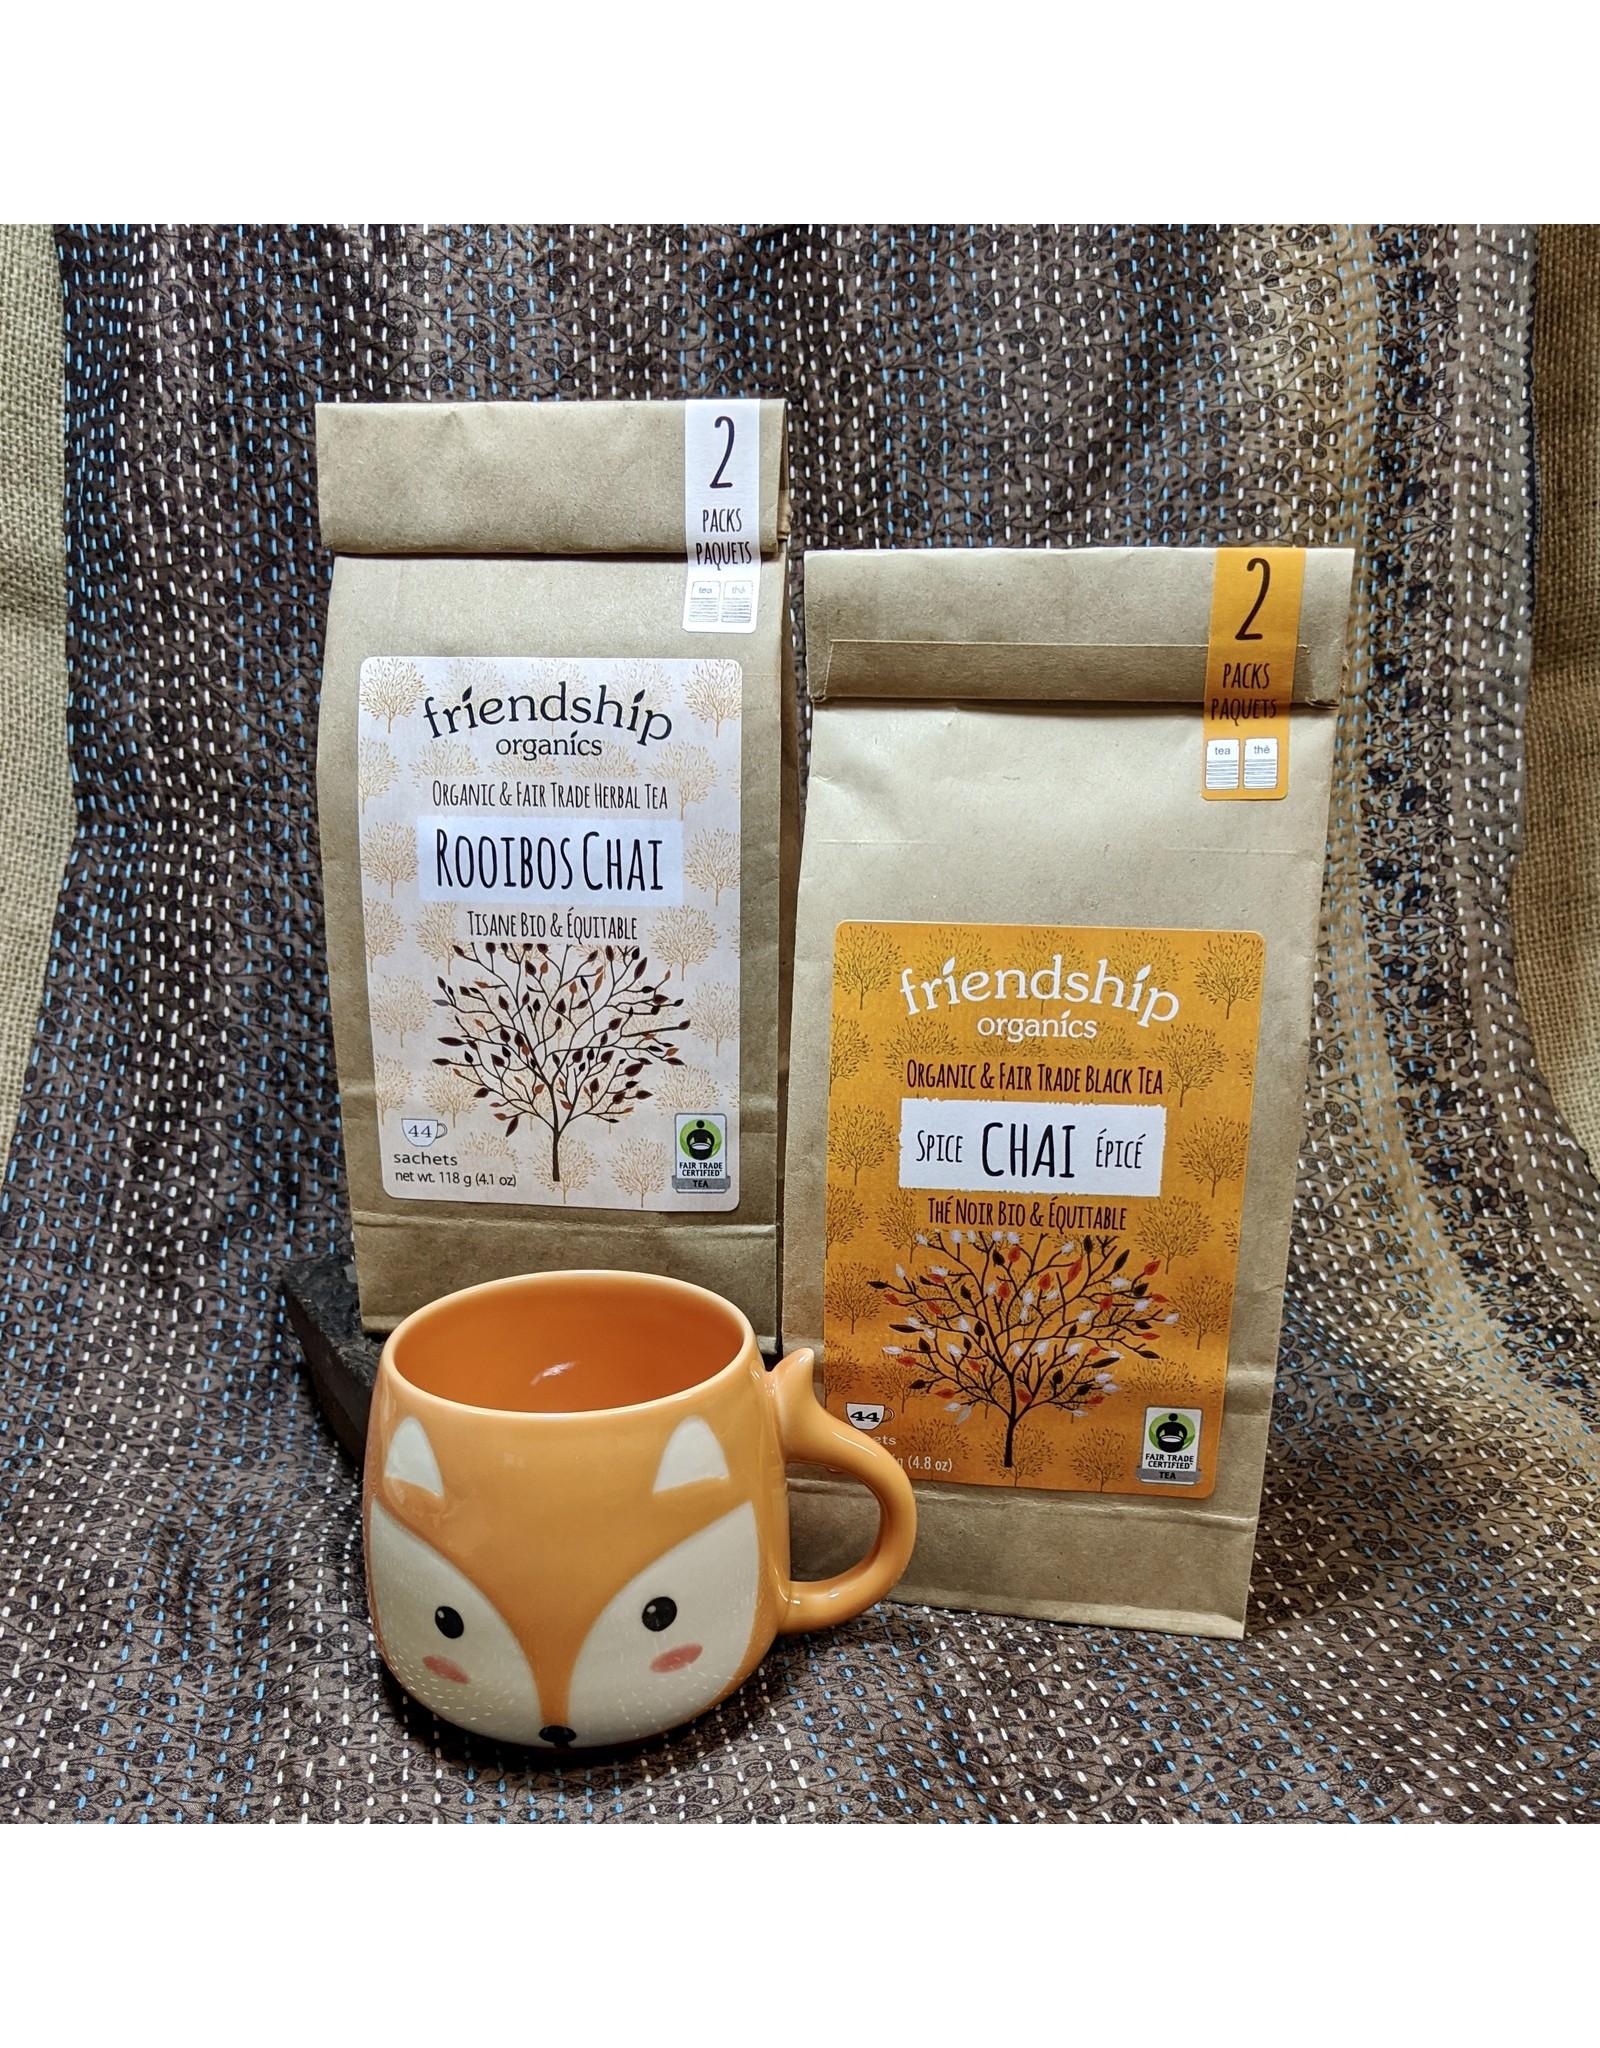 Friendship Organics Friendship Organics Spice Chai Black Tea Twin Pack